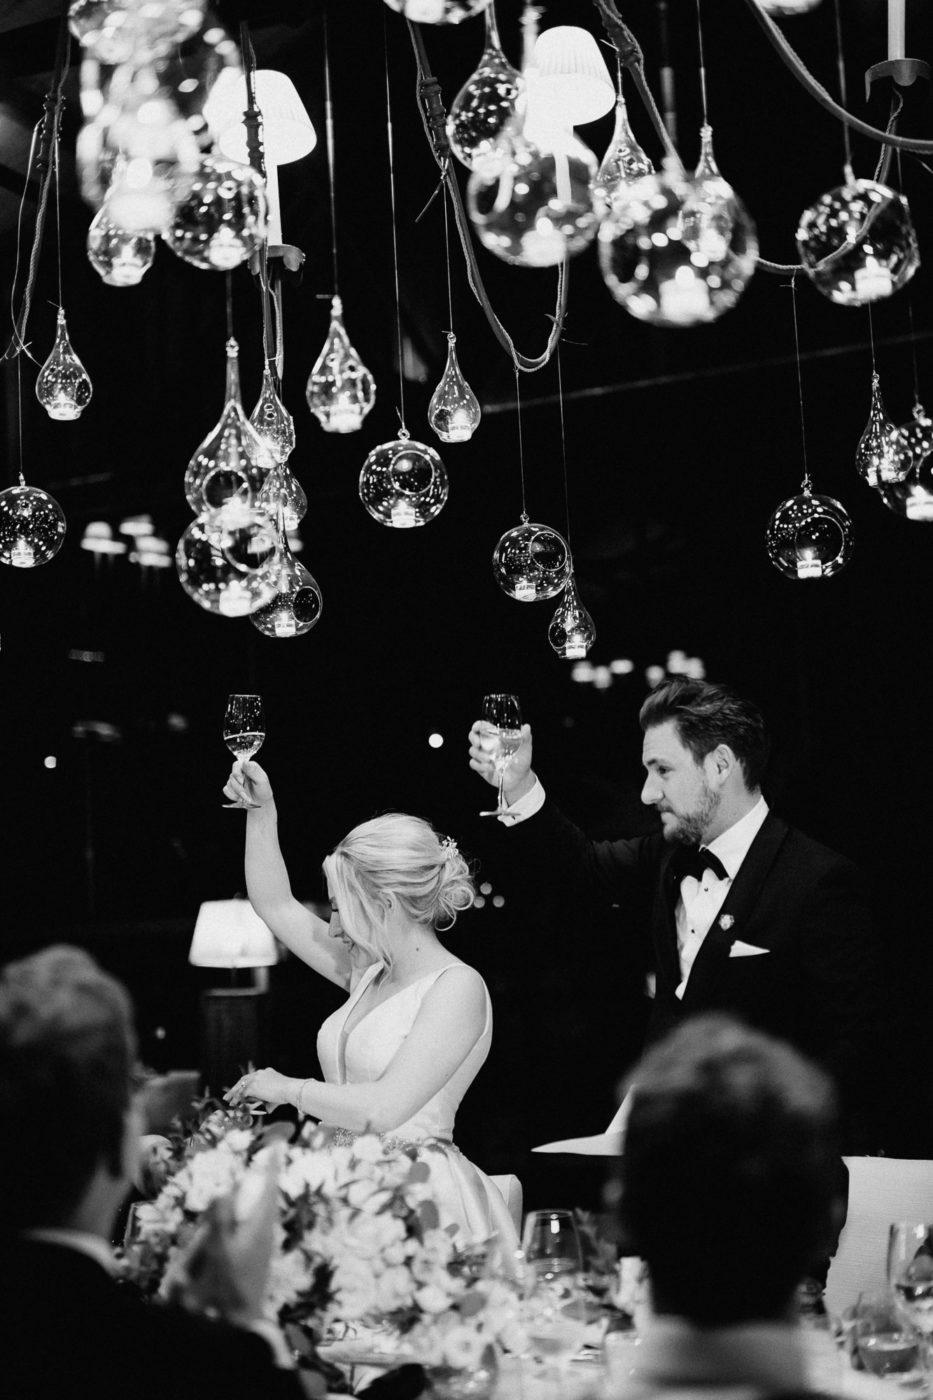 Das Brautpaar hebt die Gläser an der Hochzeitstafel